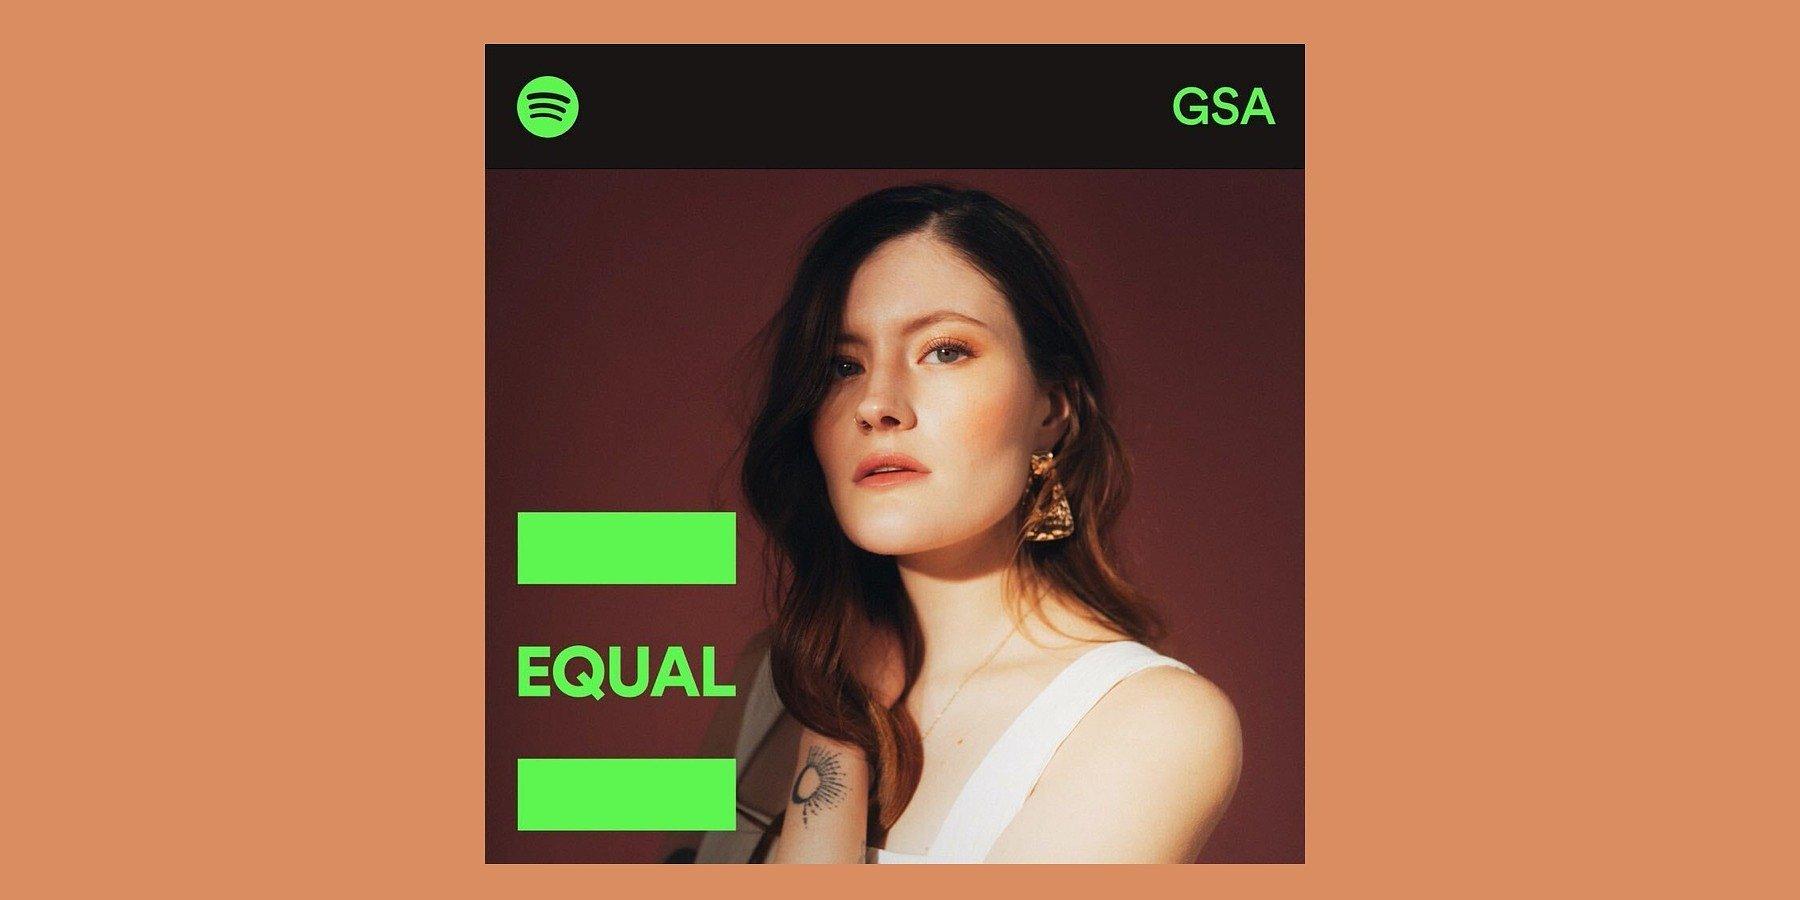 EQUAL: Kampagne mit Madeline Juno auf neuem TikTok-Channel von Spotify